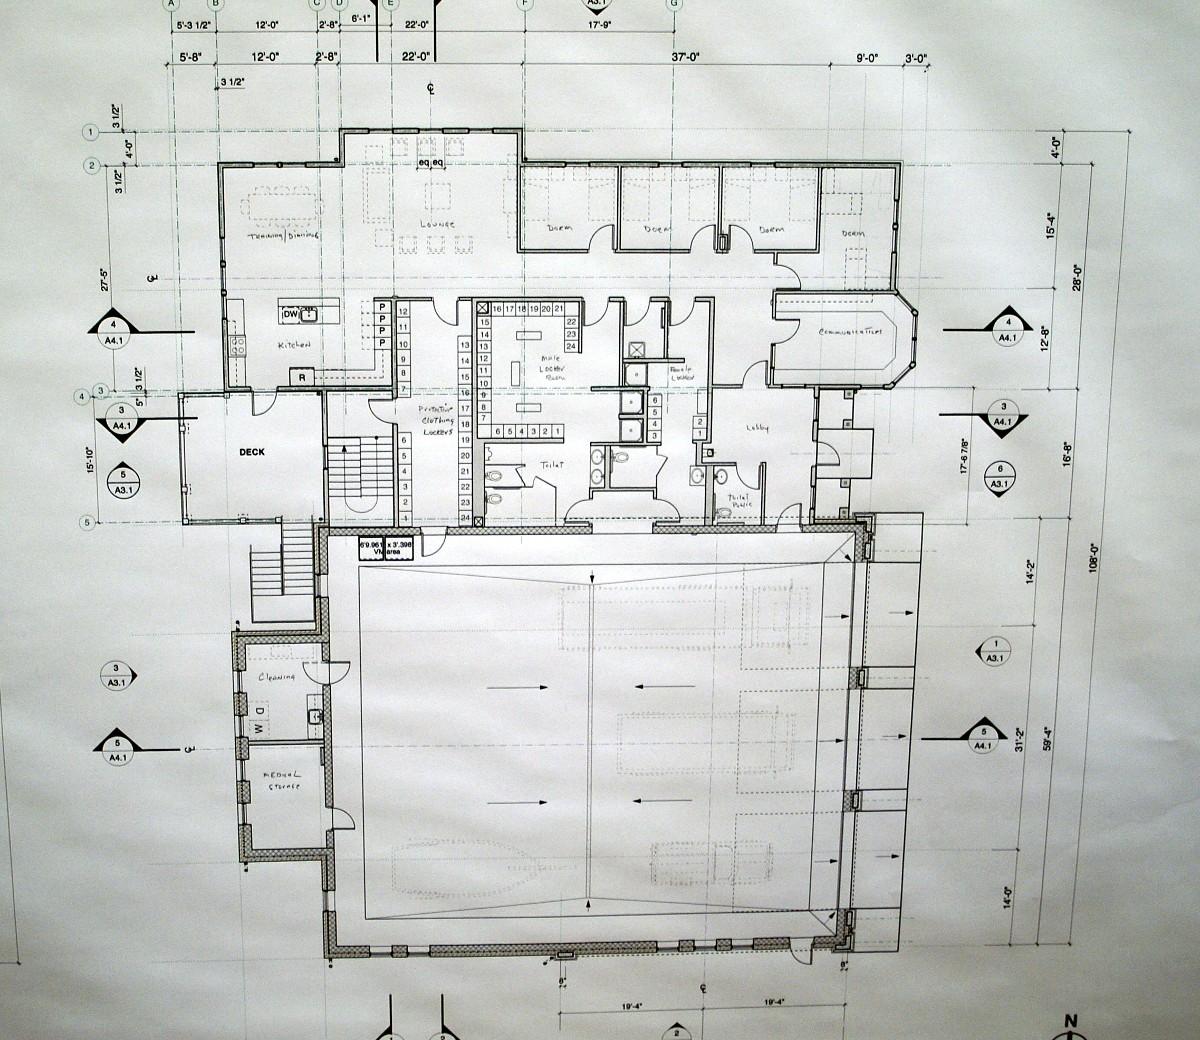 COMM News Firehouse Design Station Floor Plan on ambulance design plan, firehouse floor plans dimensions, firehouse interior design,